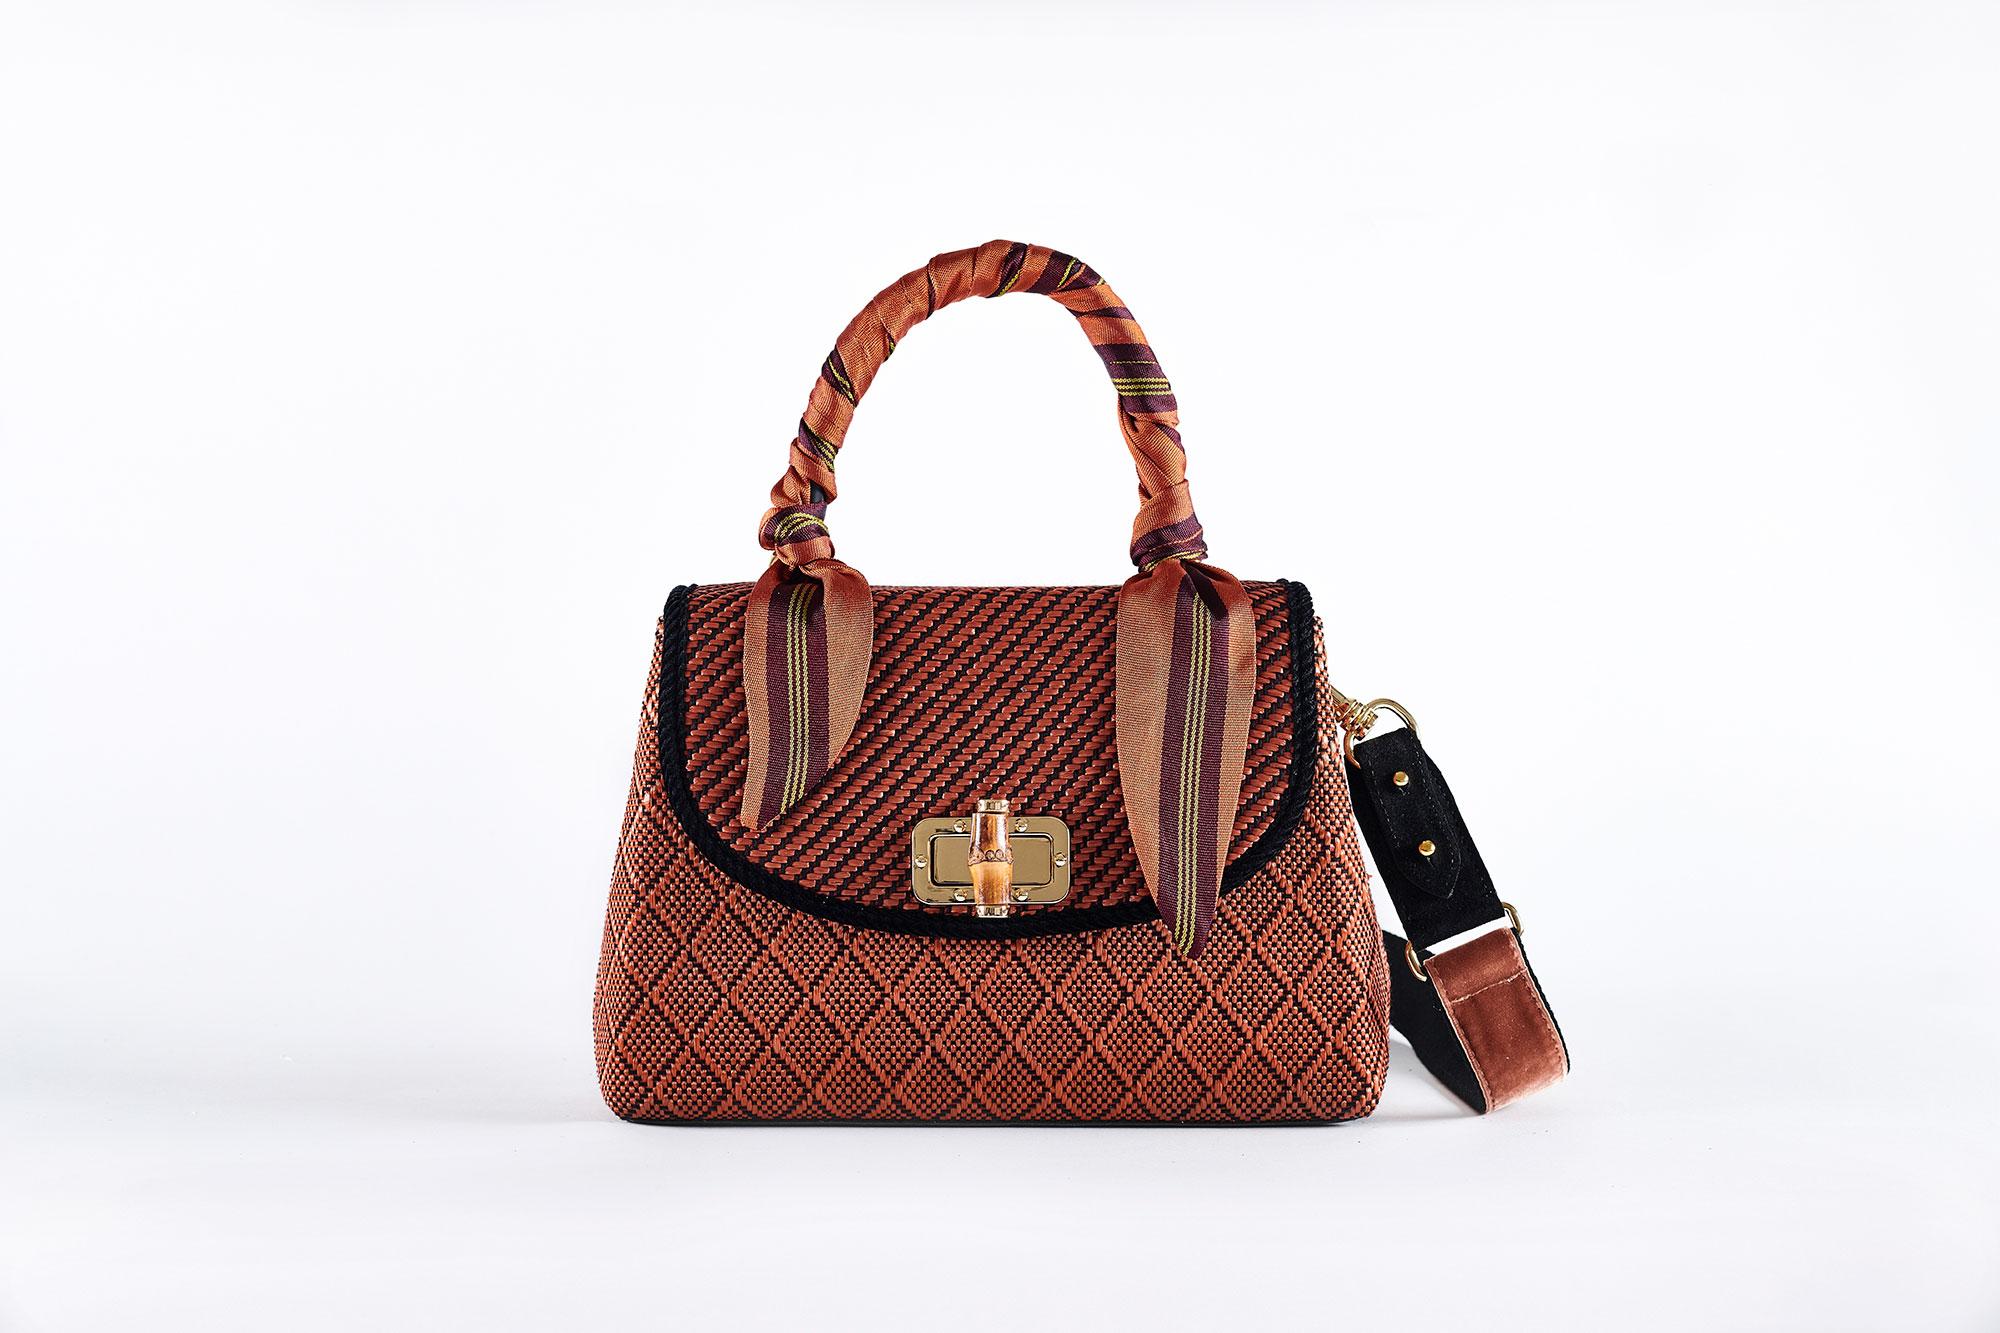 viamailbag-vogue-foulard-f04